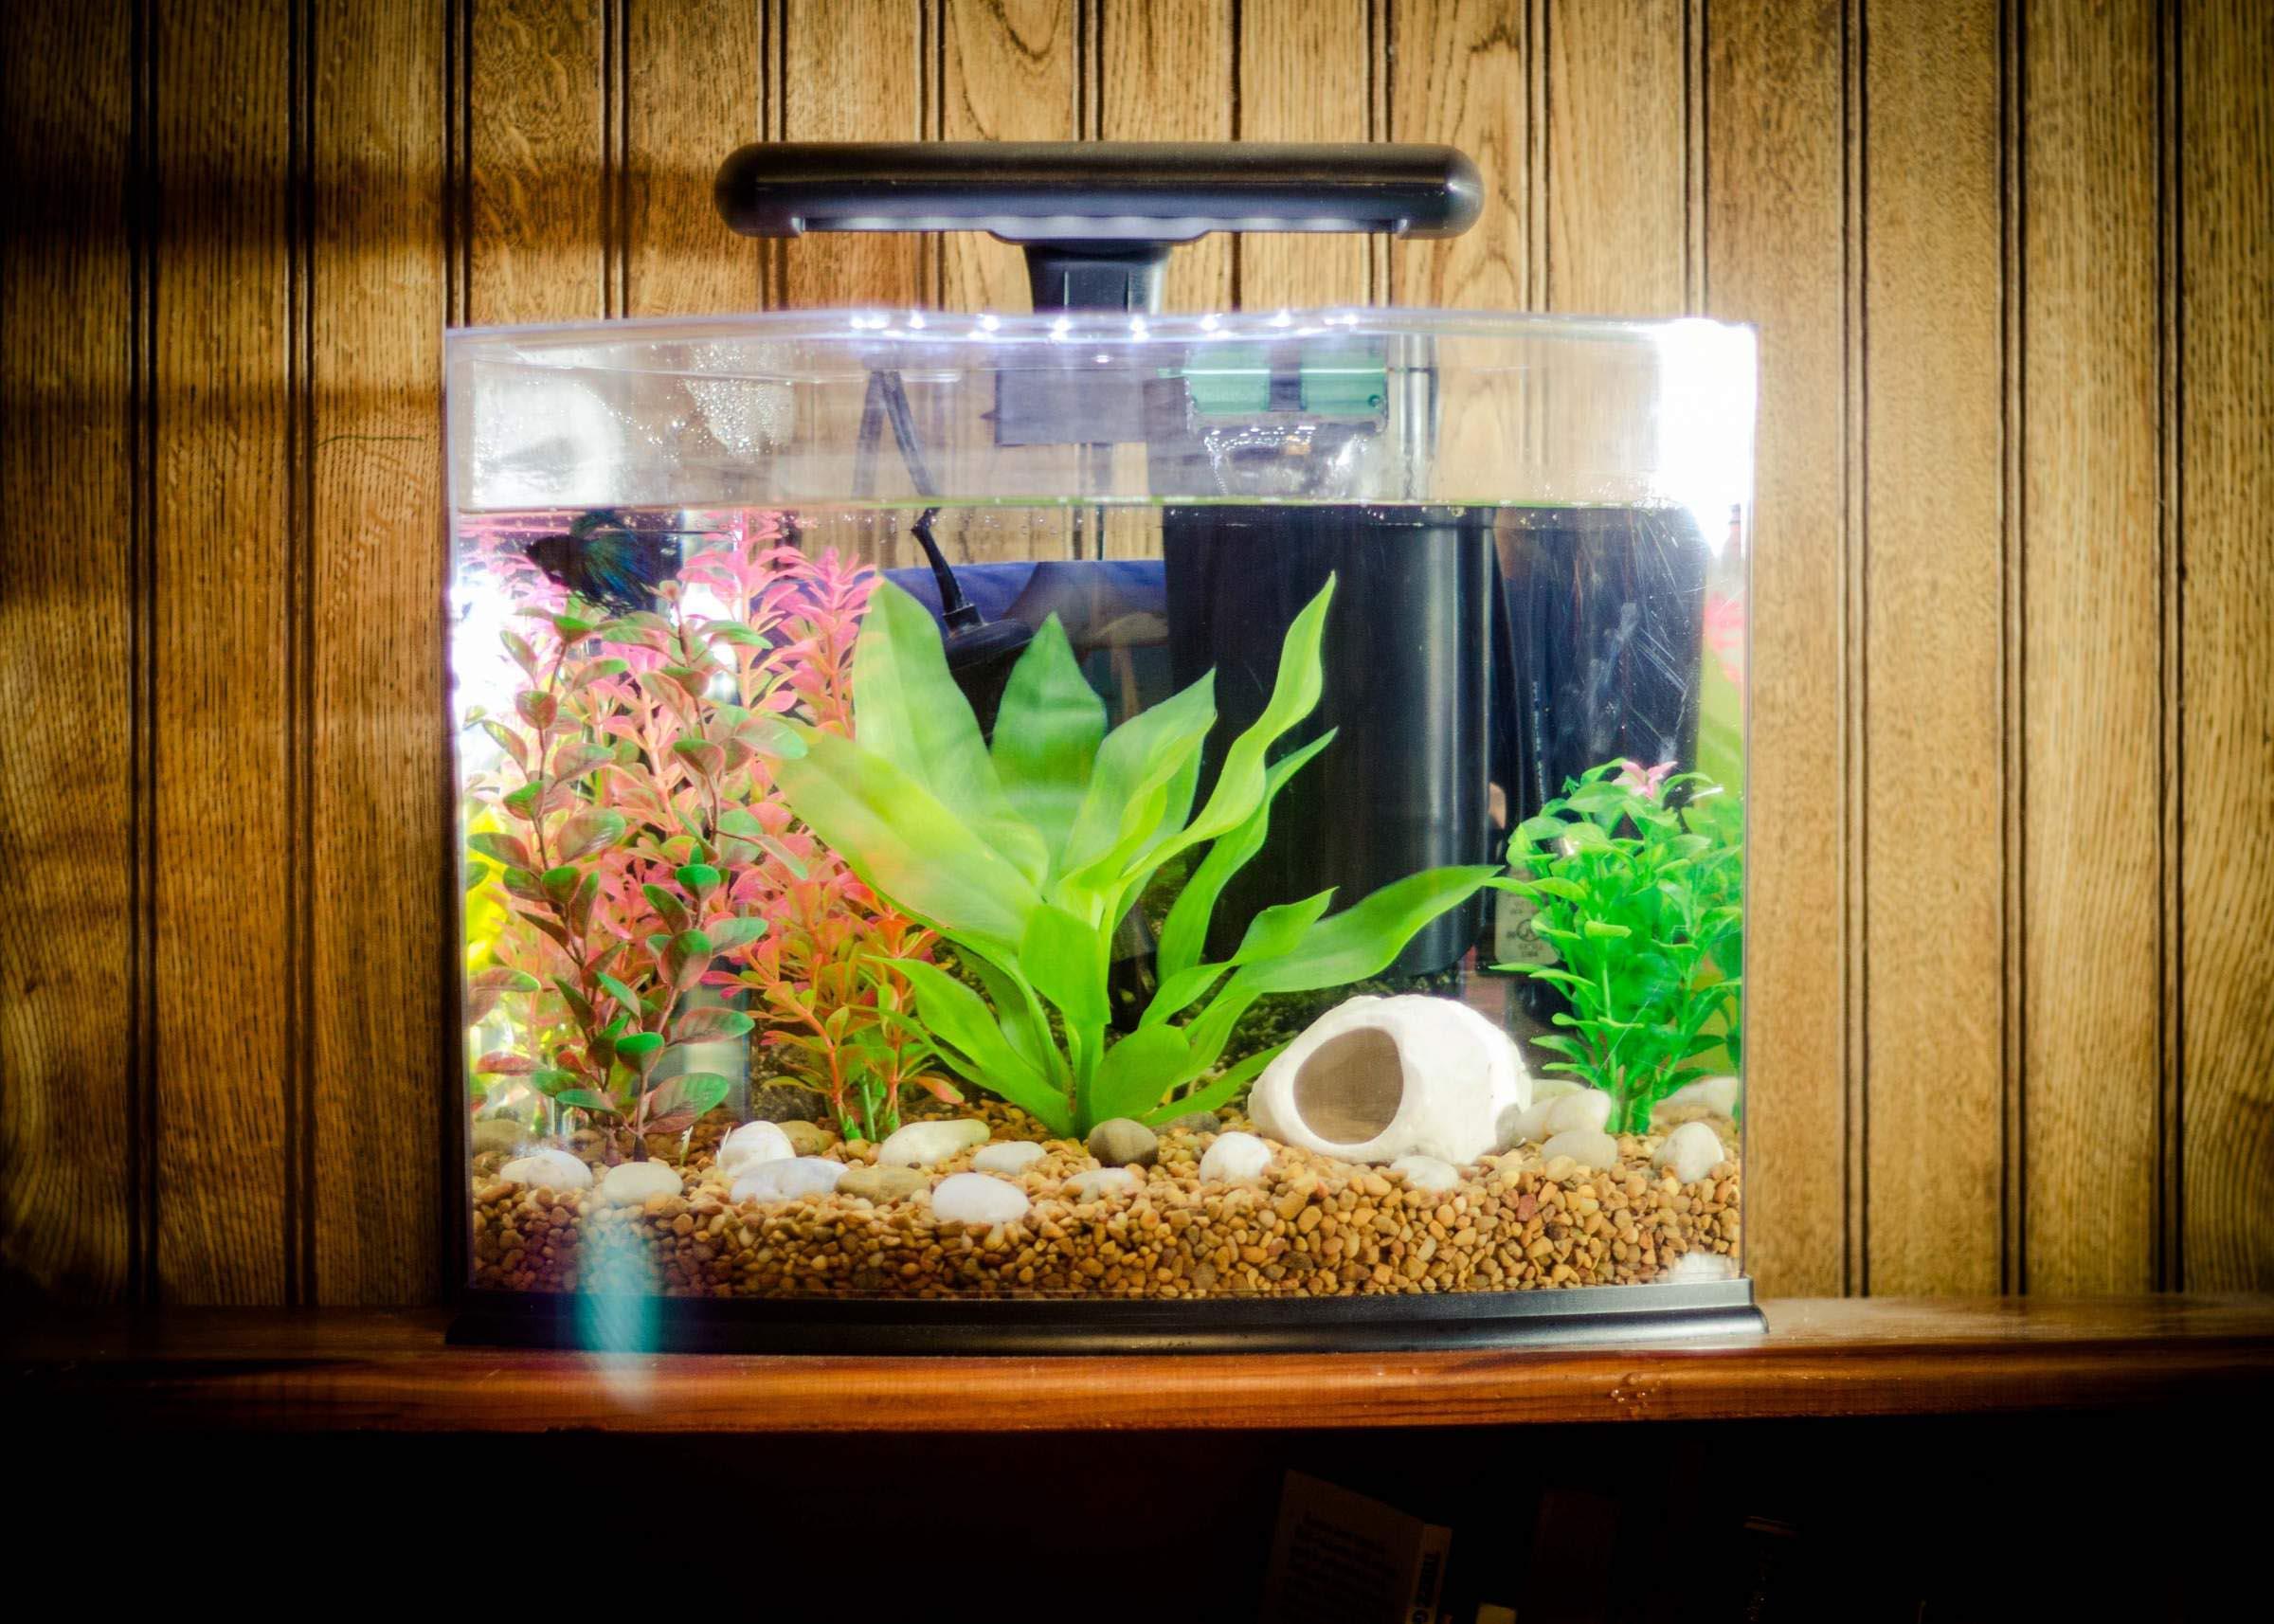 Betta fish aquarium ideas aquarium design ideas for Betta fish tank decorations